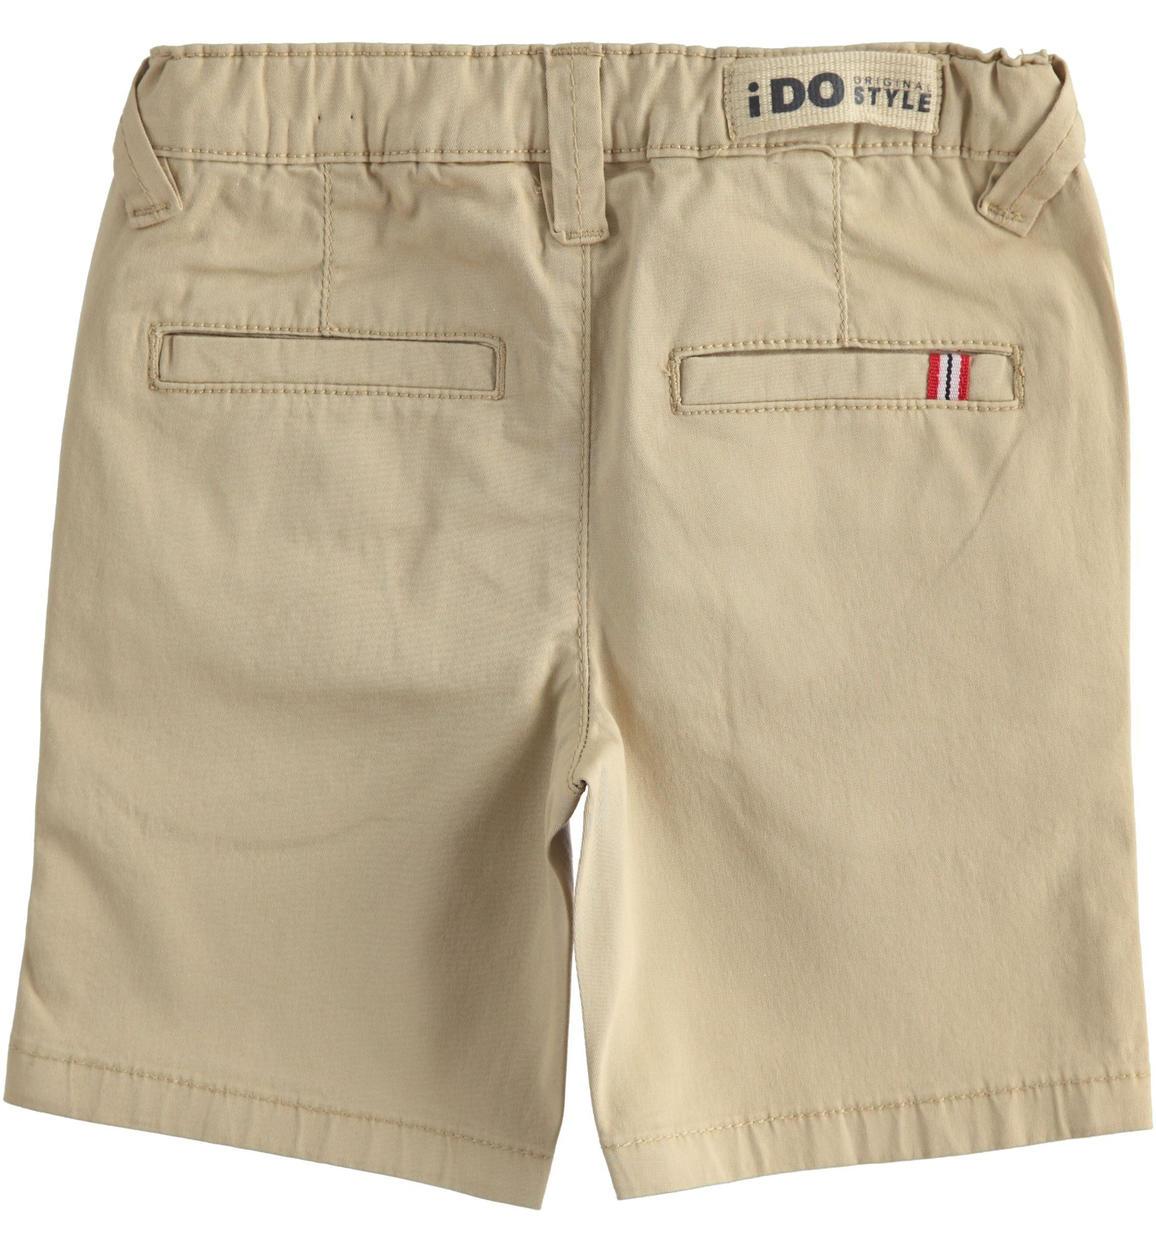 pantalone corto in twill stretch per bam beige retro 02 1234j70200 0731 150x150